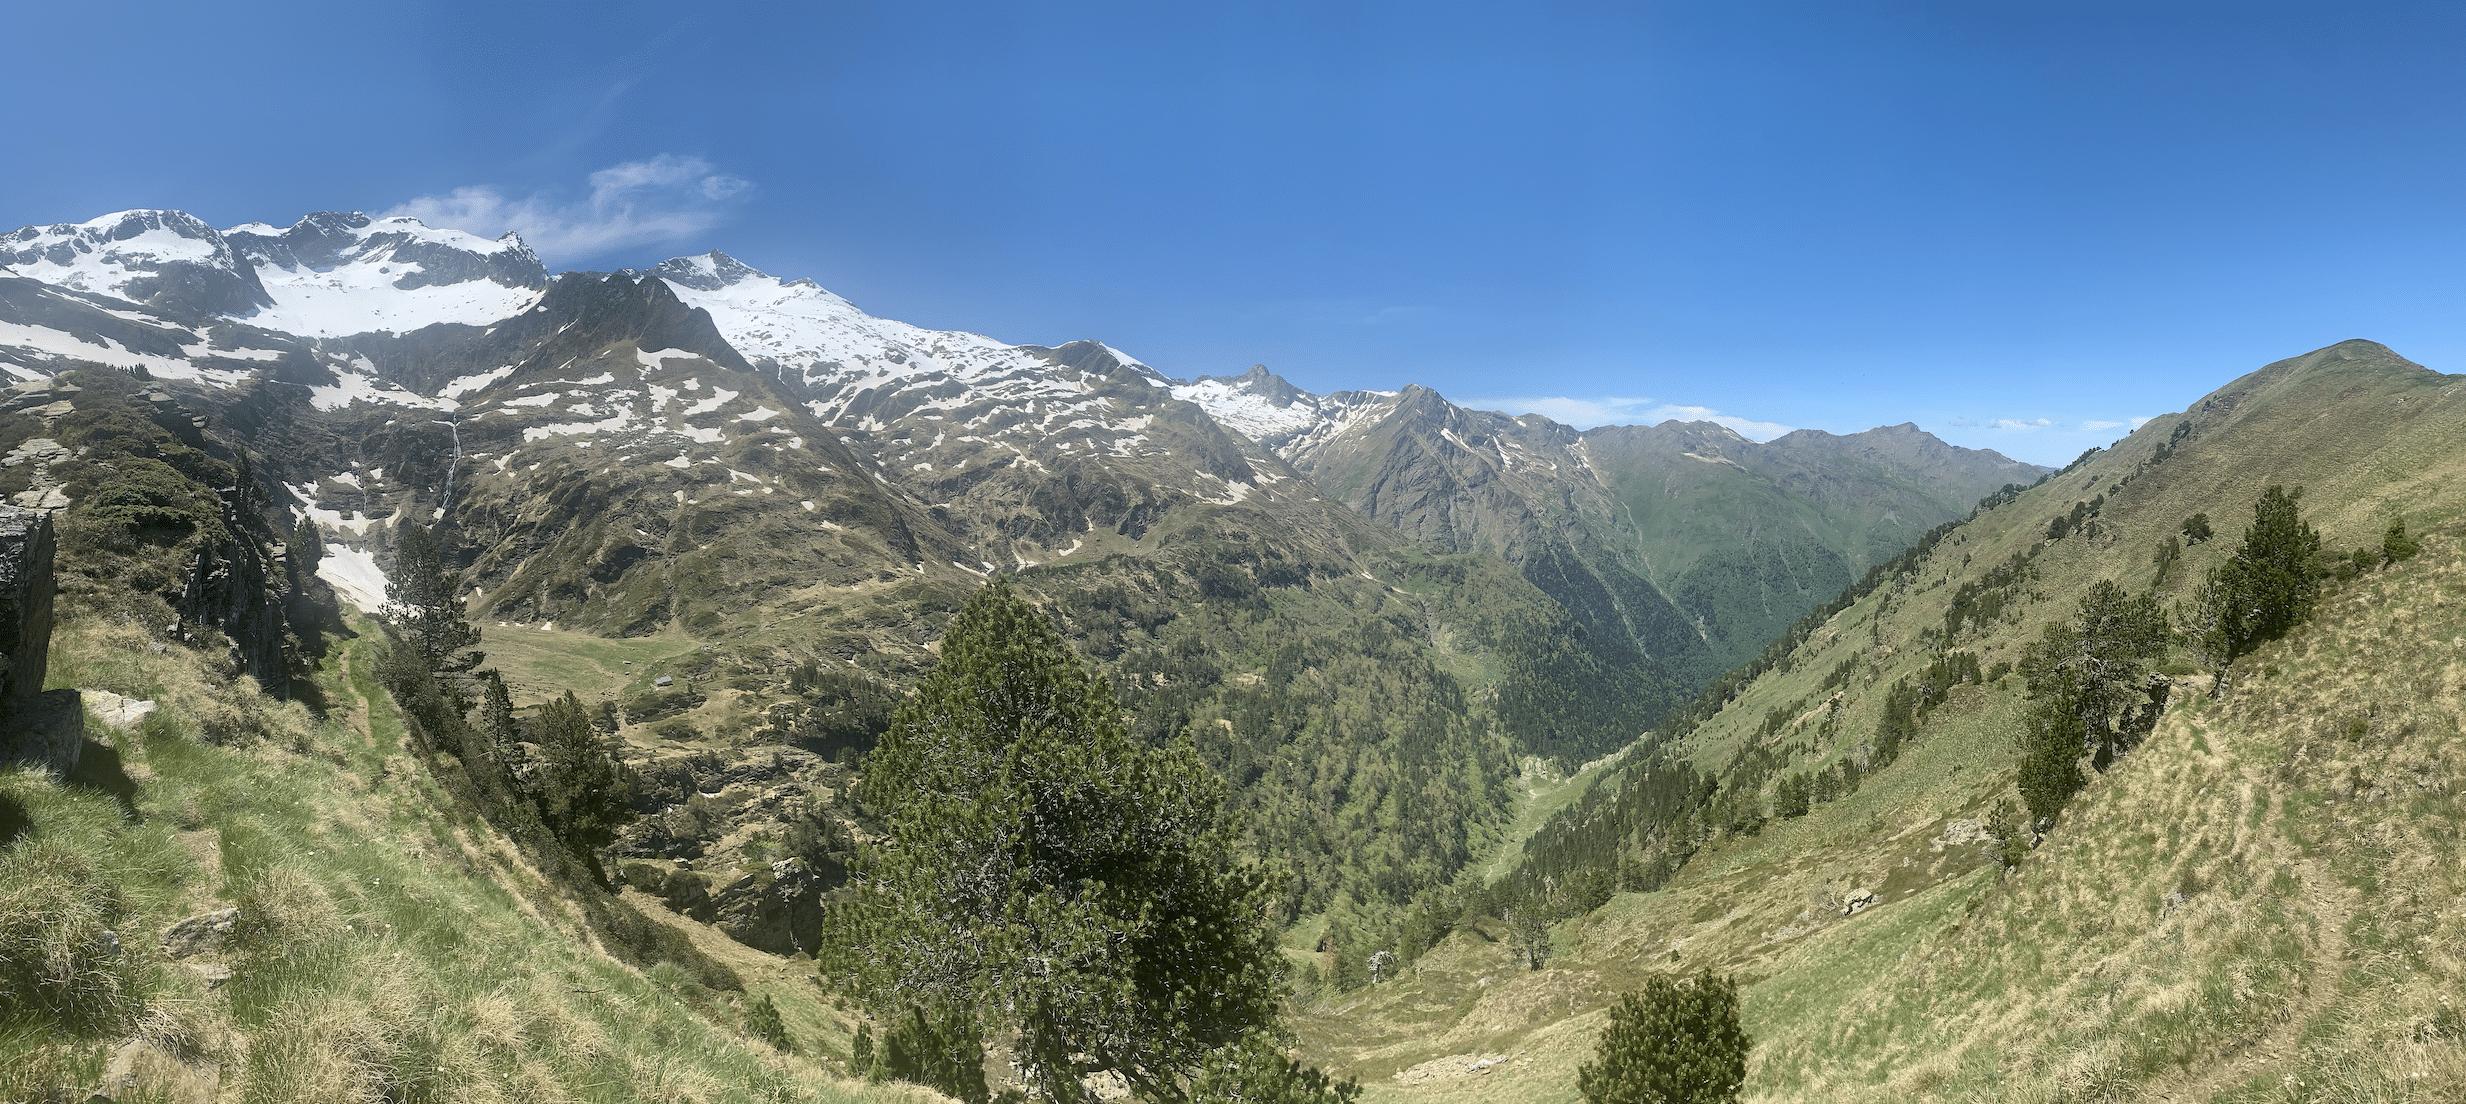 panorama randonnee dans les pyrenees